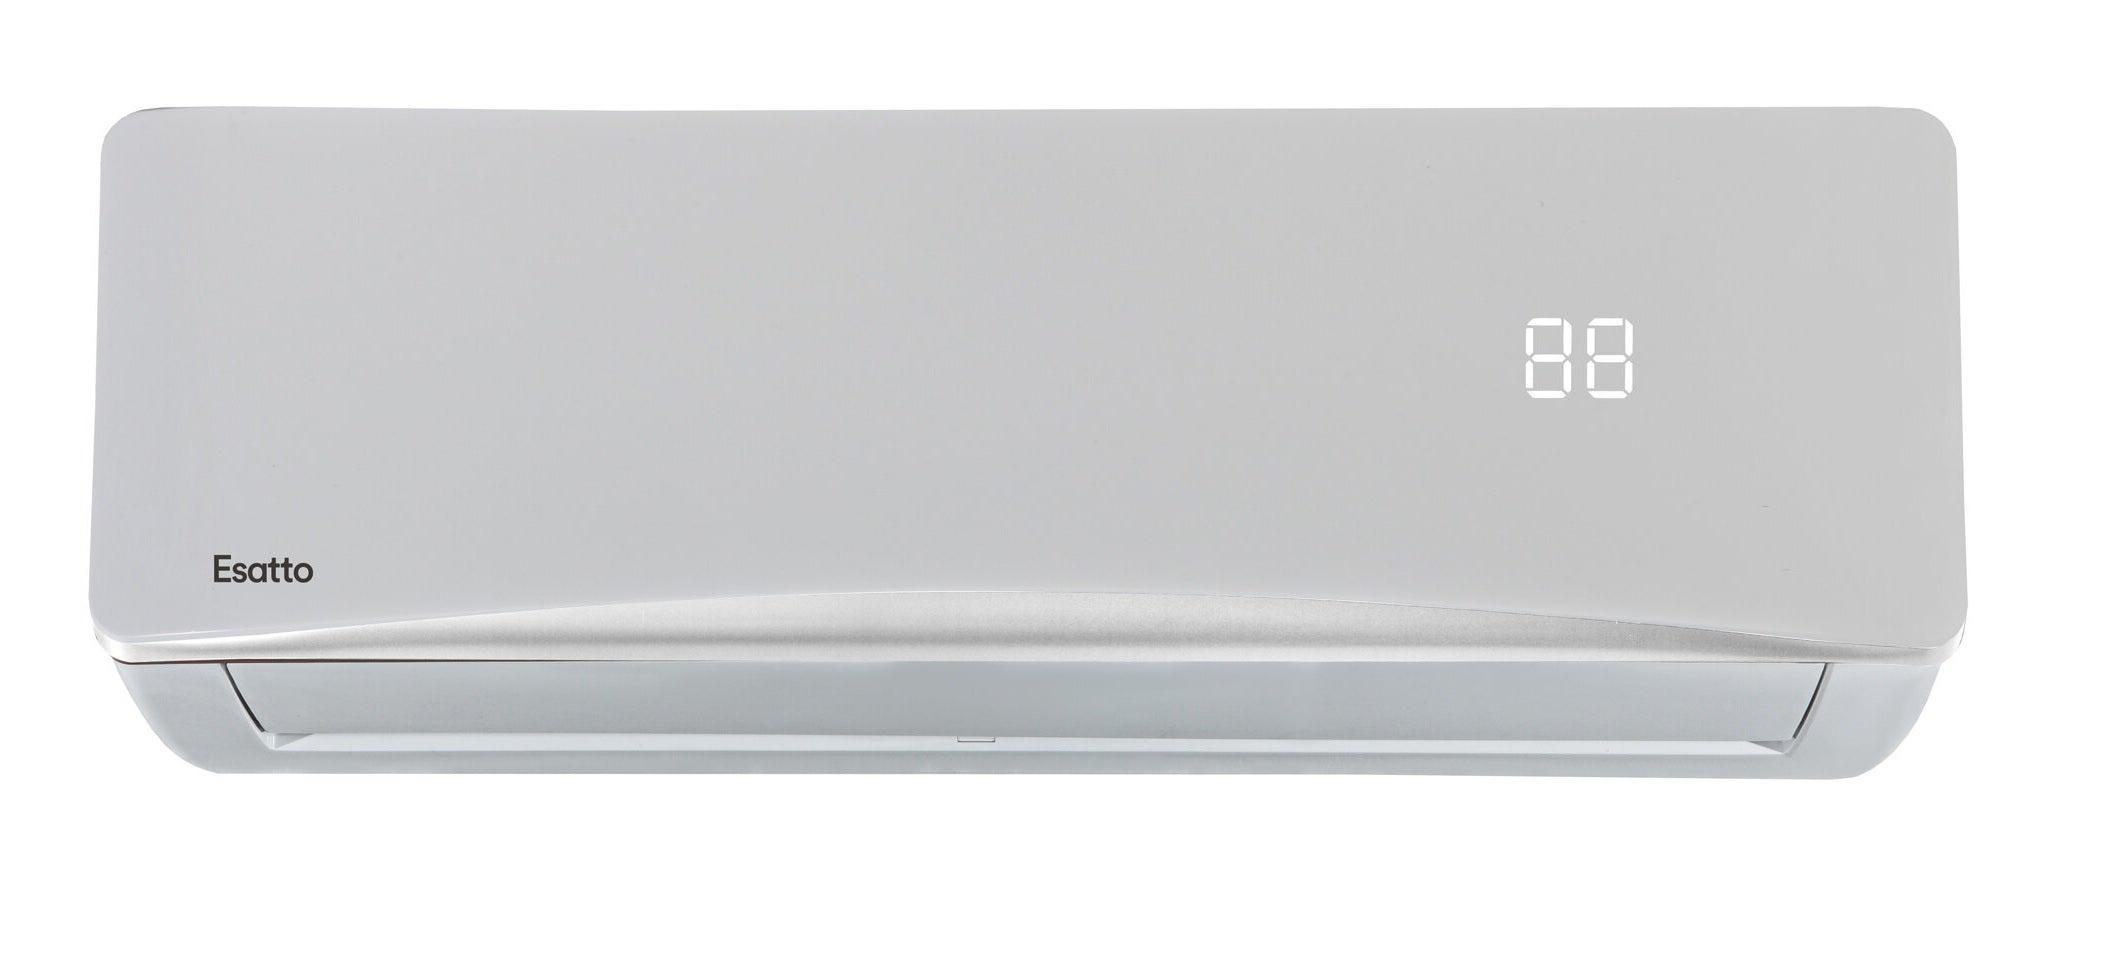 Esatto ESAC50RC Air Conditioner